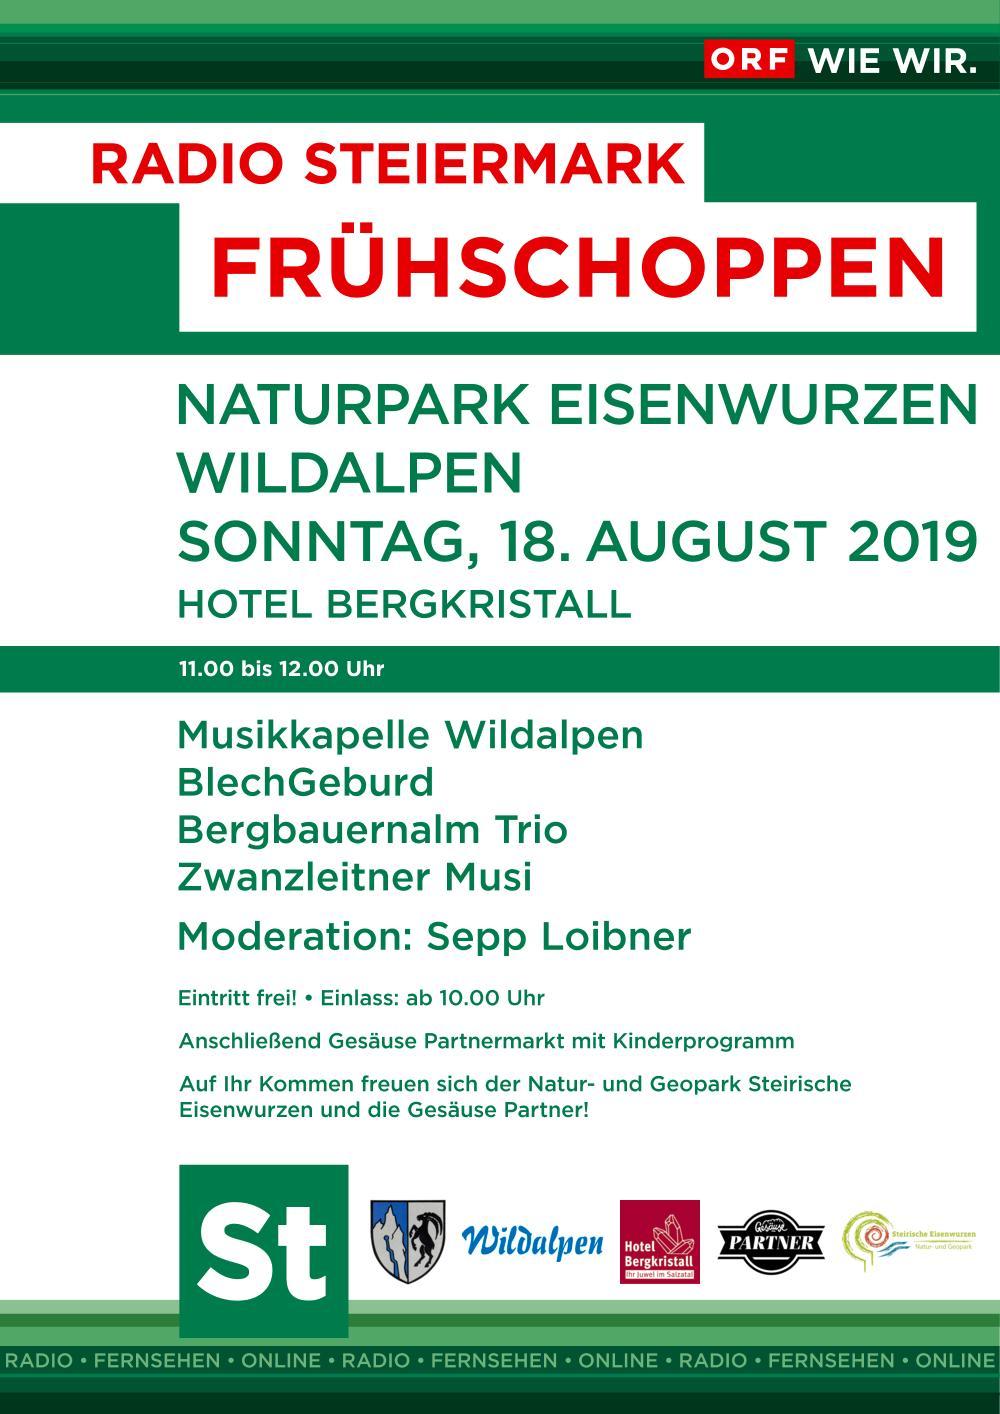 Naturparkfest mit ORF Radio Steiermark Frühschoppen